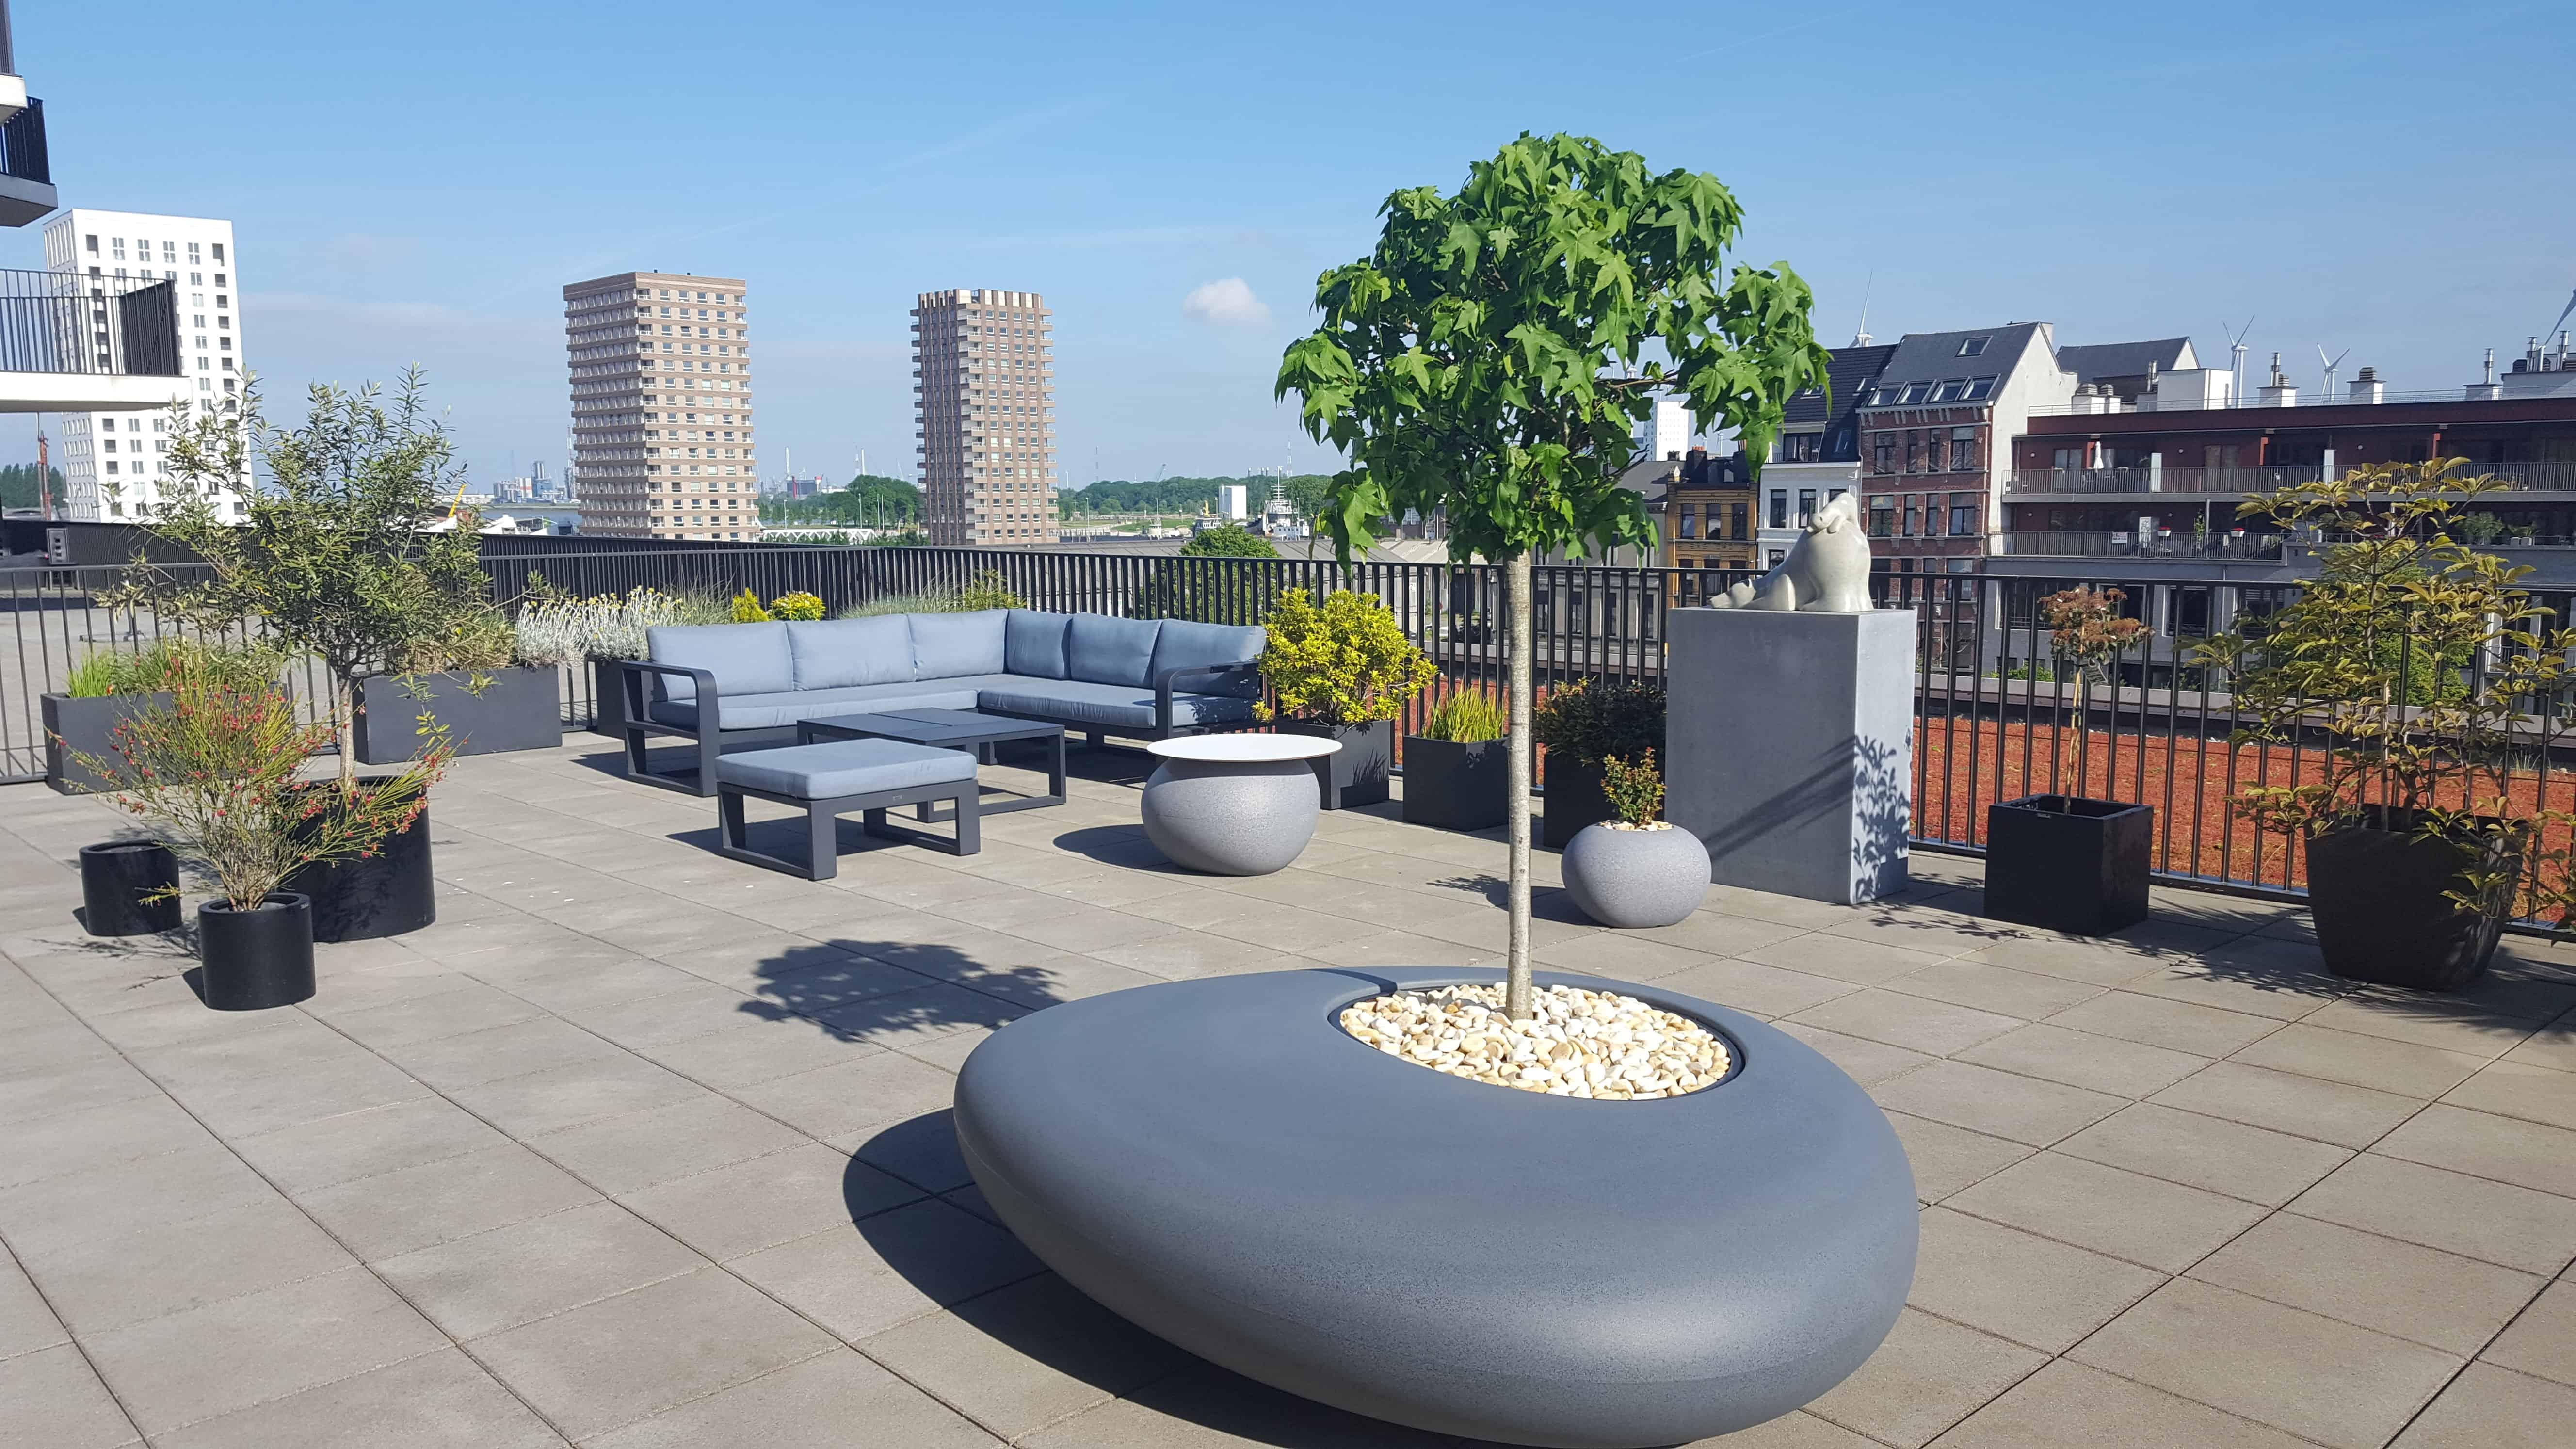 Bloembak als designobject in de vorm van rivierkei op dakterras